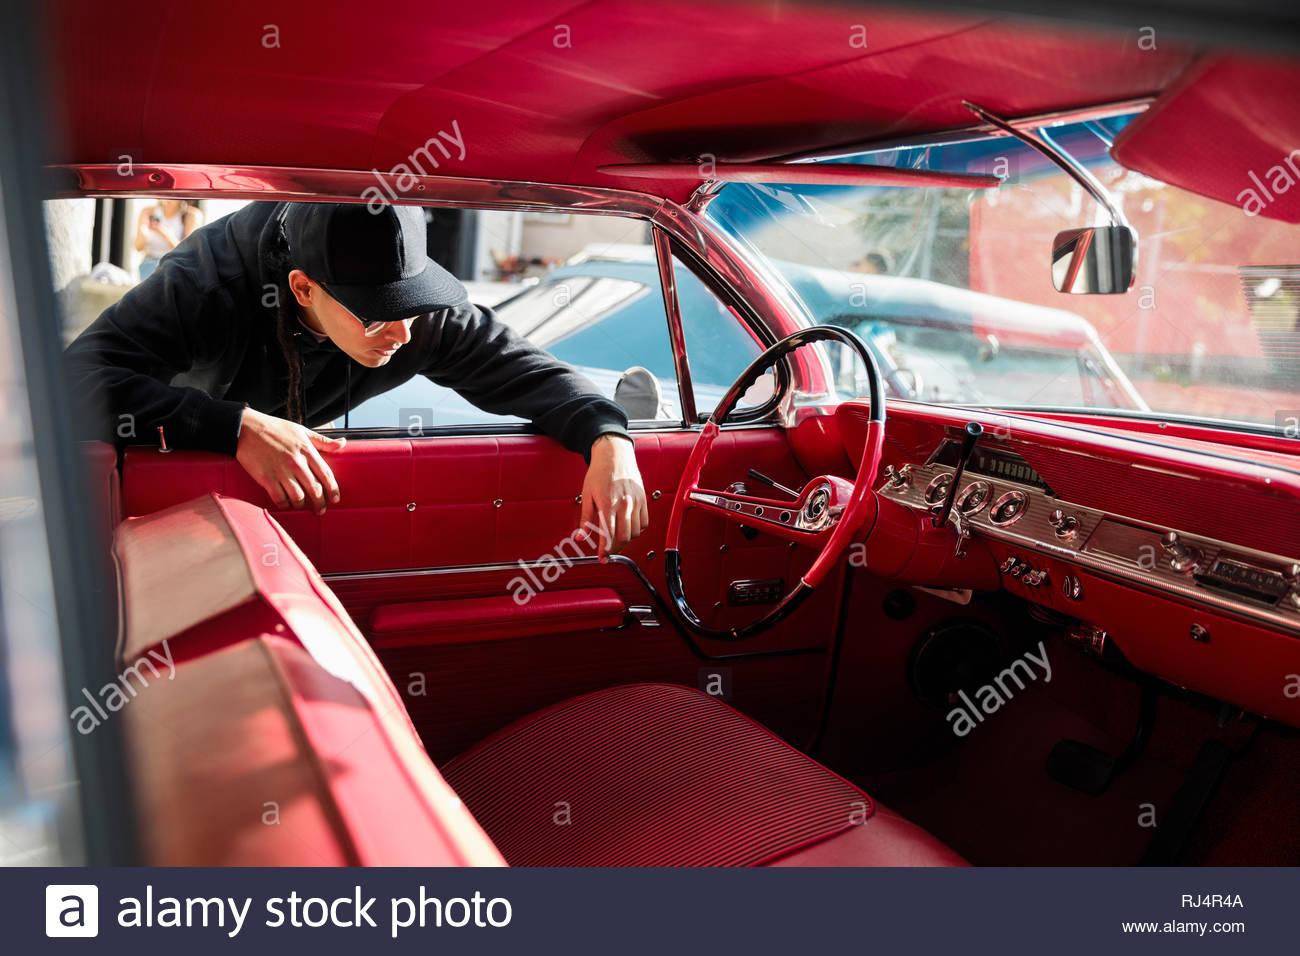 Joven Latinx desproteger interior de cuero rojo de coches antiguos Imagen De Stock